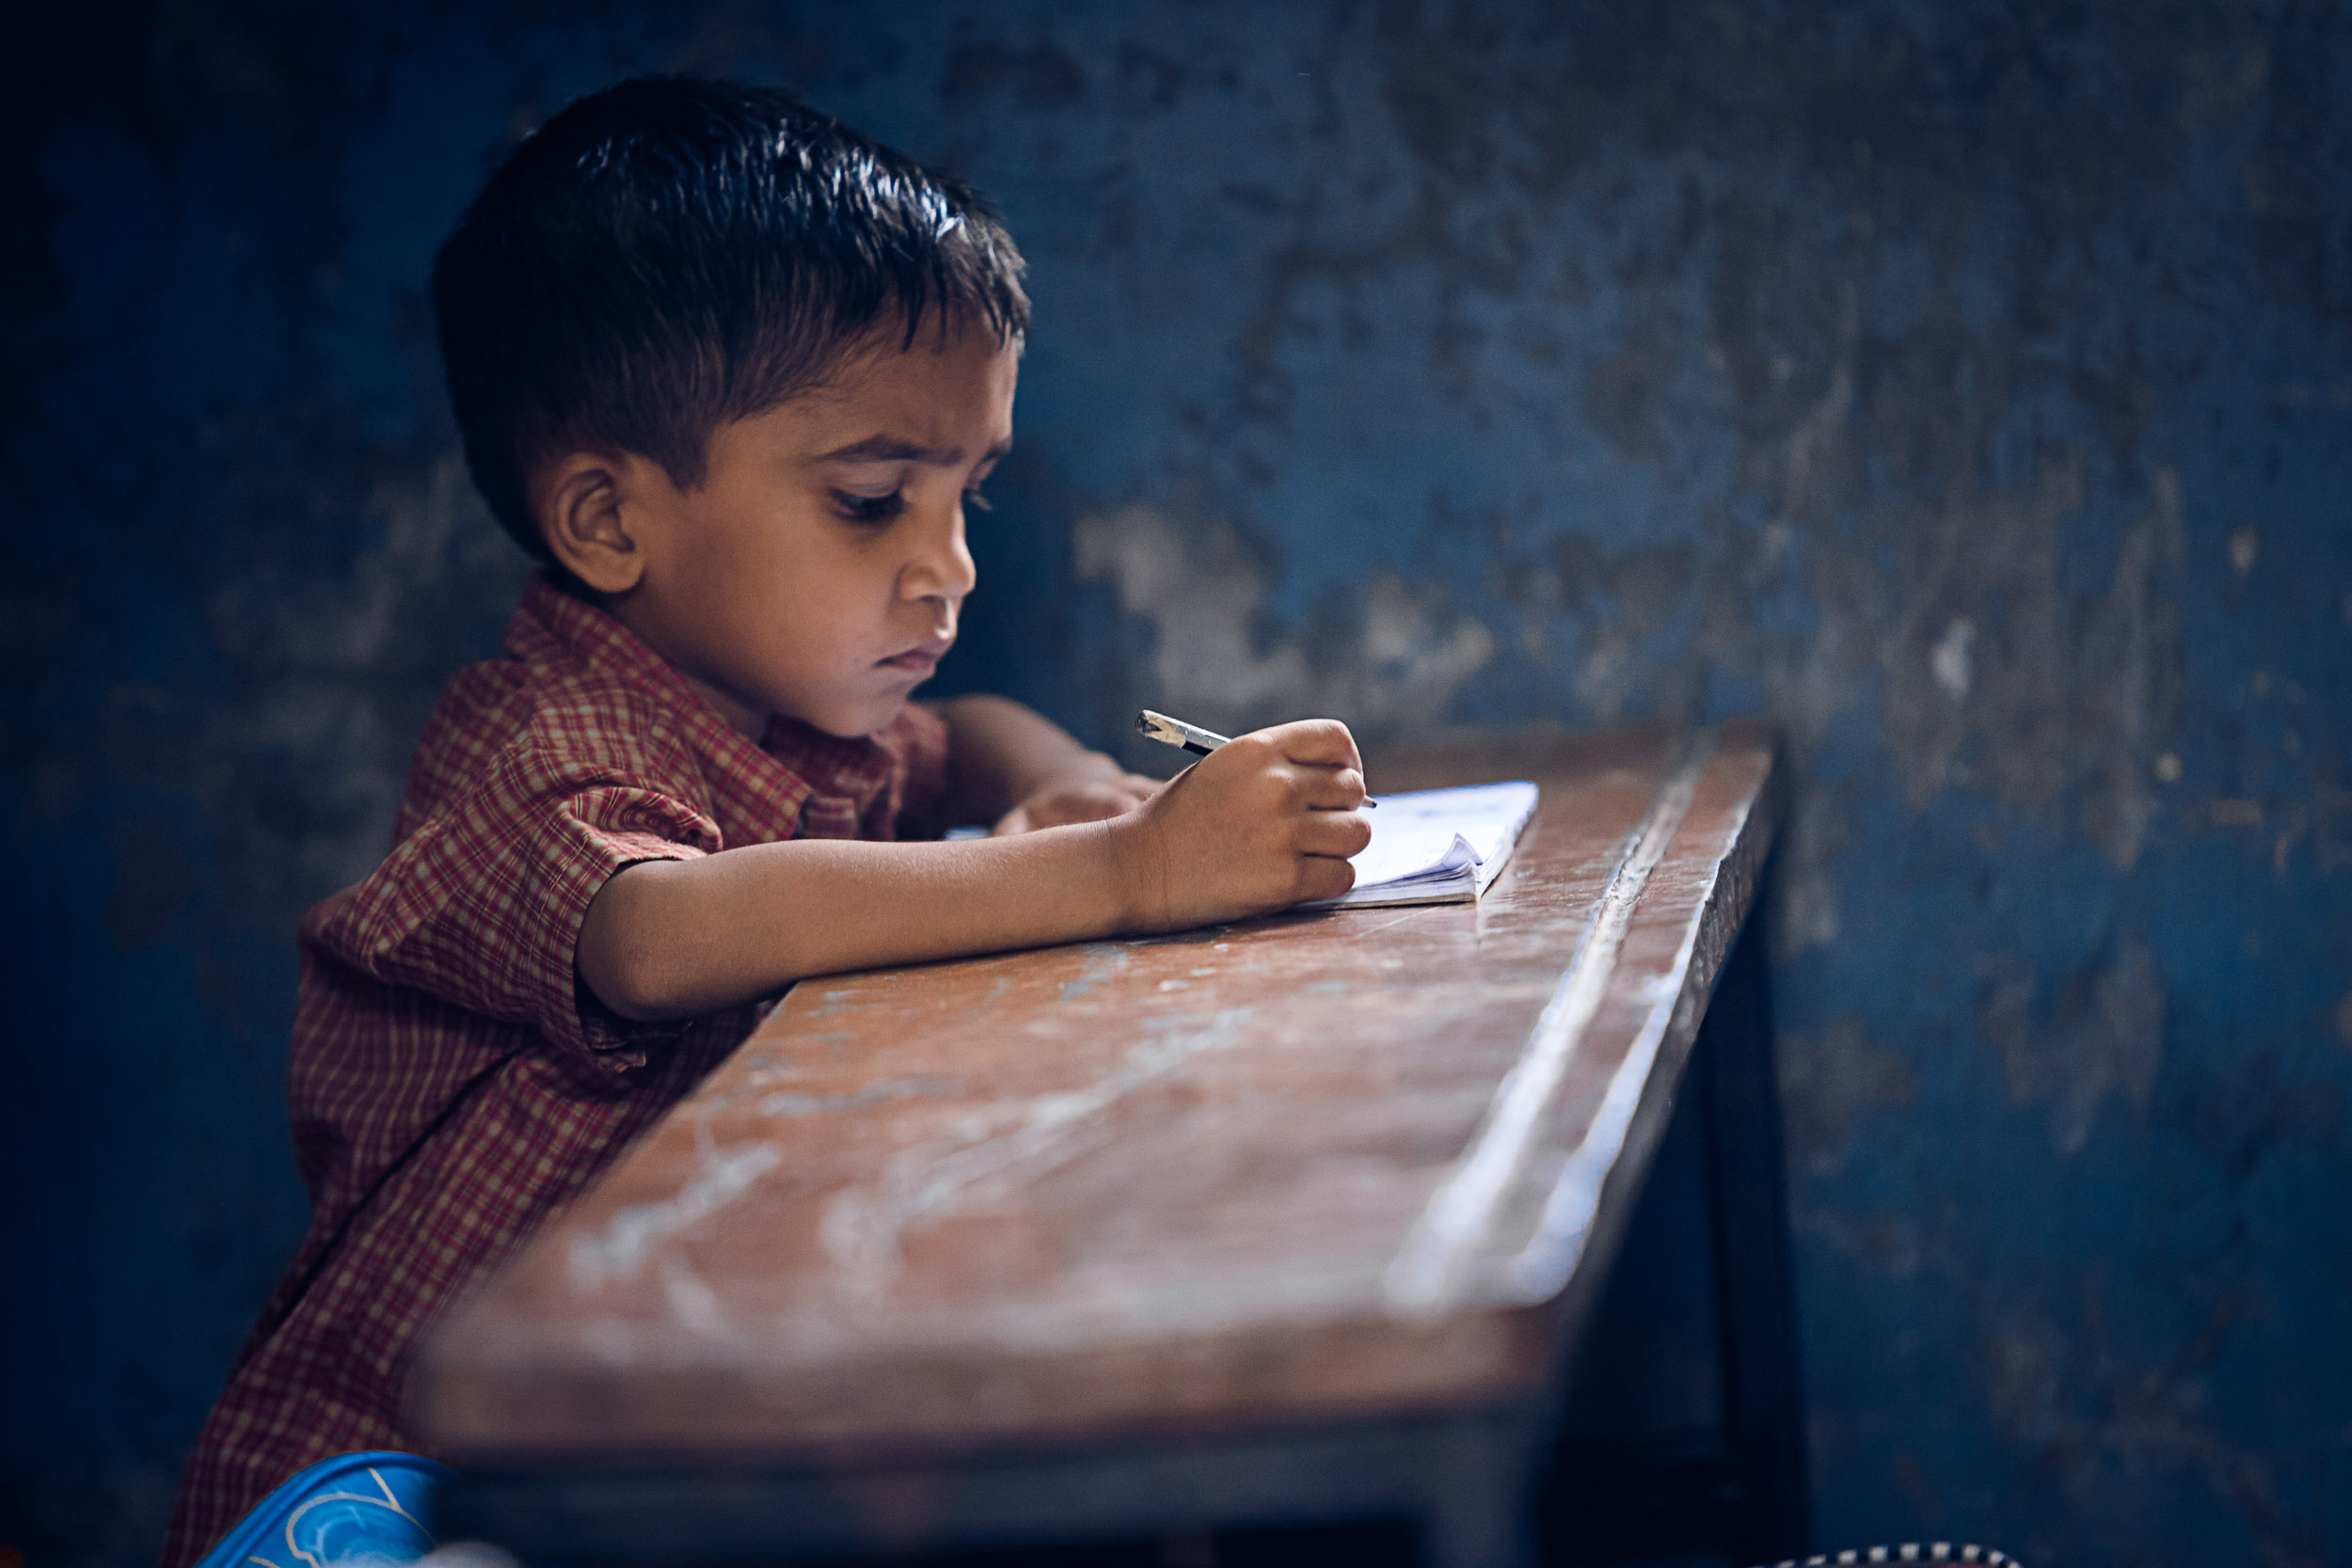 Sindhur_Photography_Narratives_Akshayapatra-52.JPG